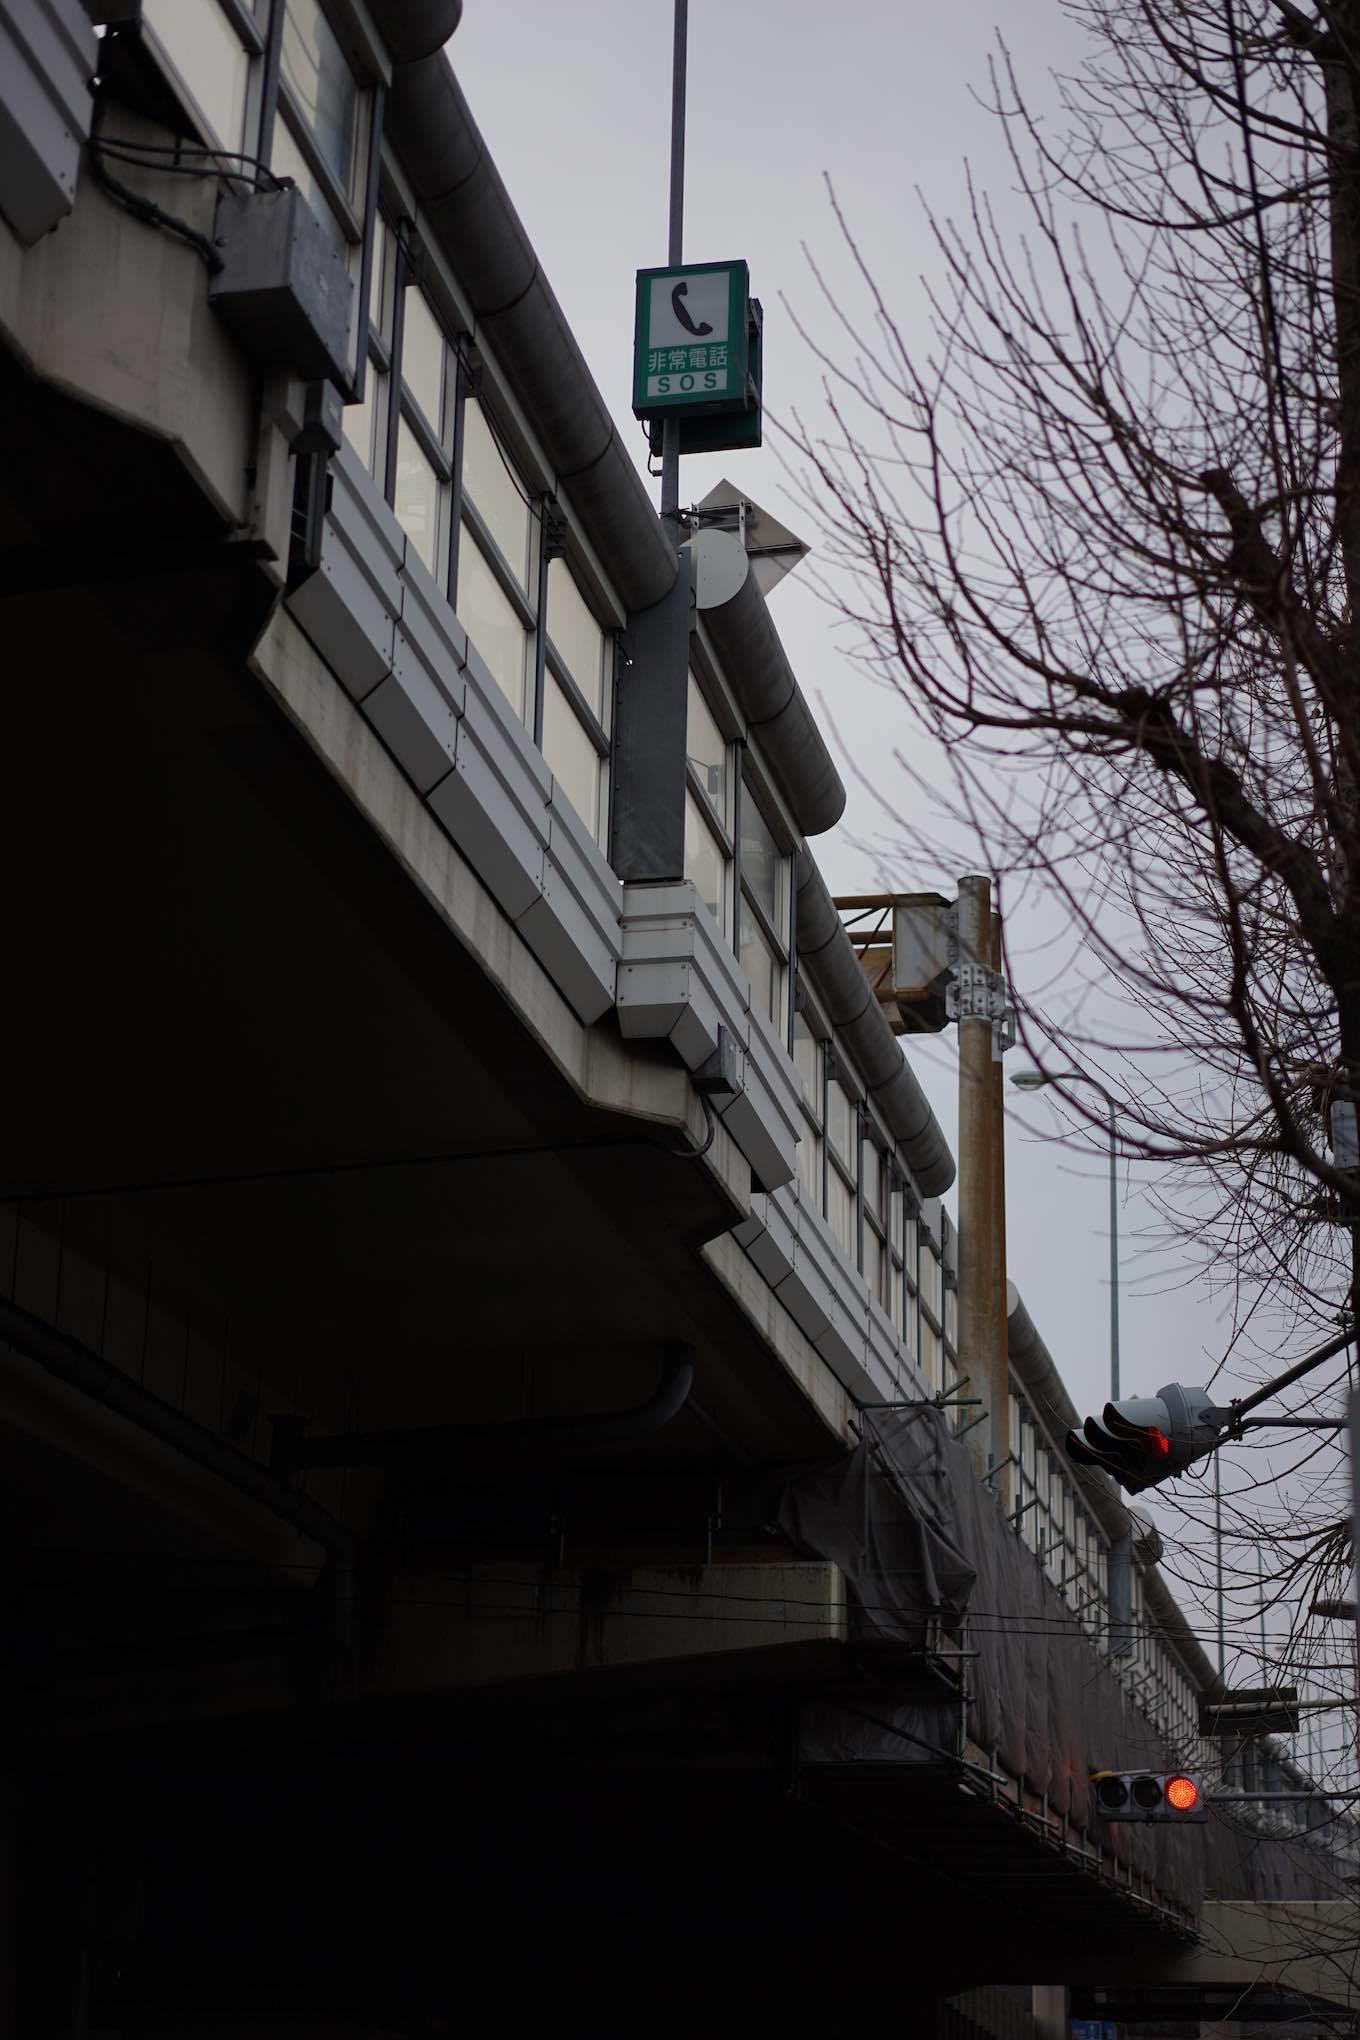 池袋駅周辺スナップ 7_b0360240_21012215.jpg